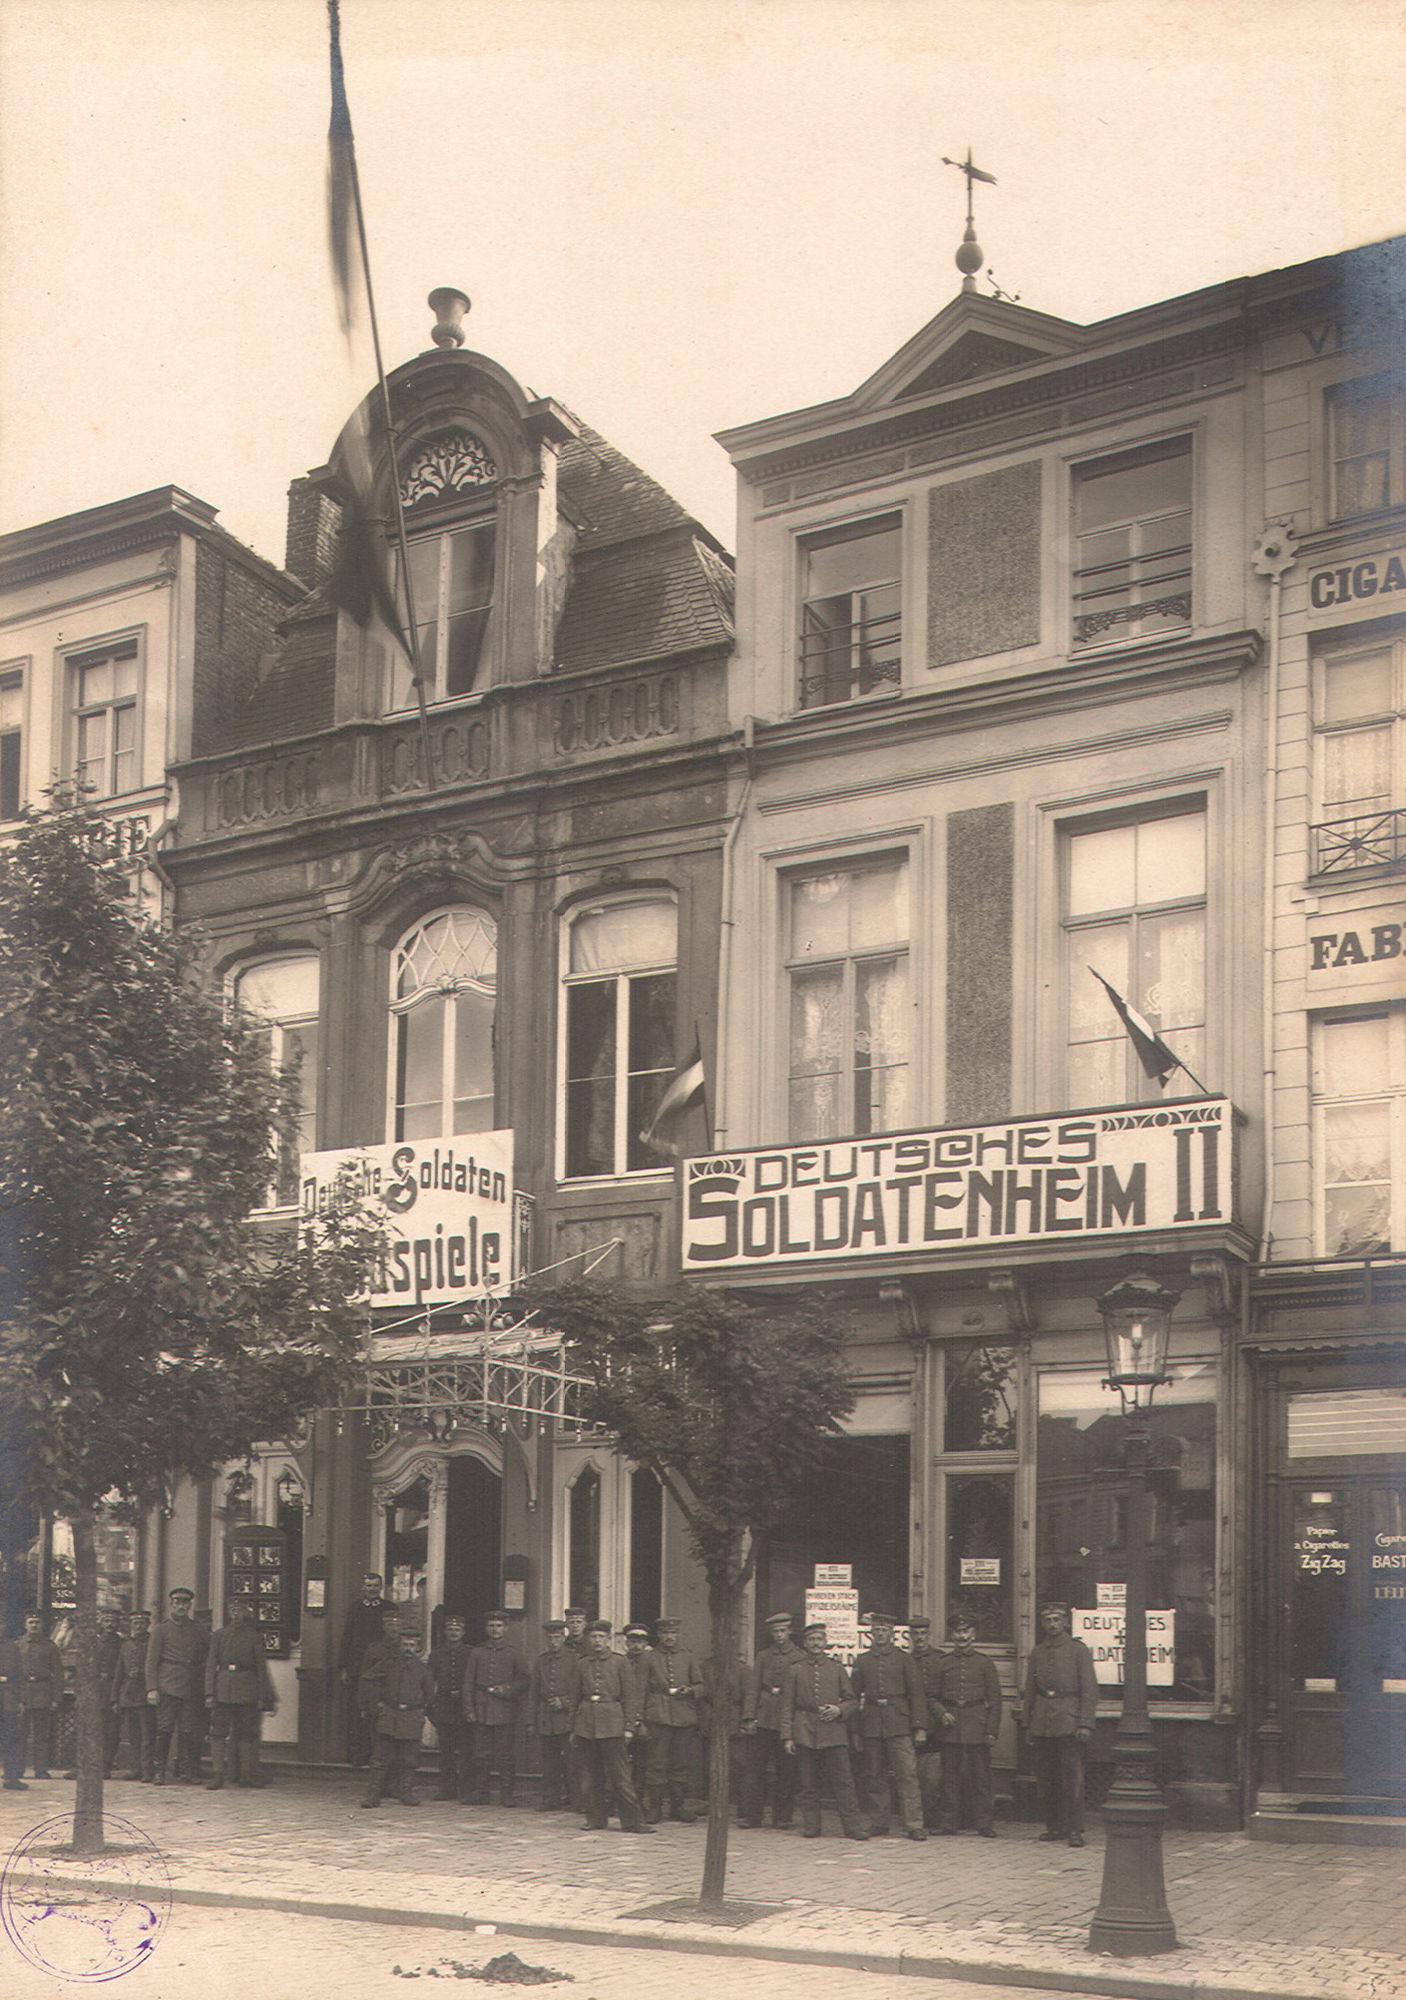 Soldatenheim II op de Grote Markt